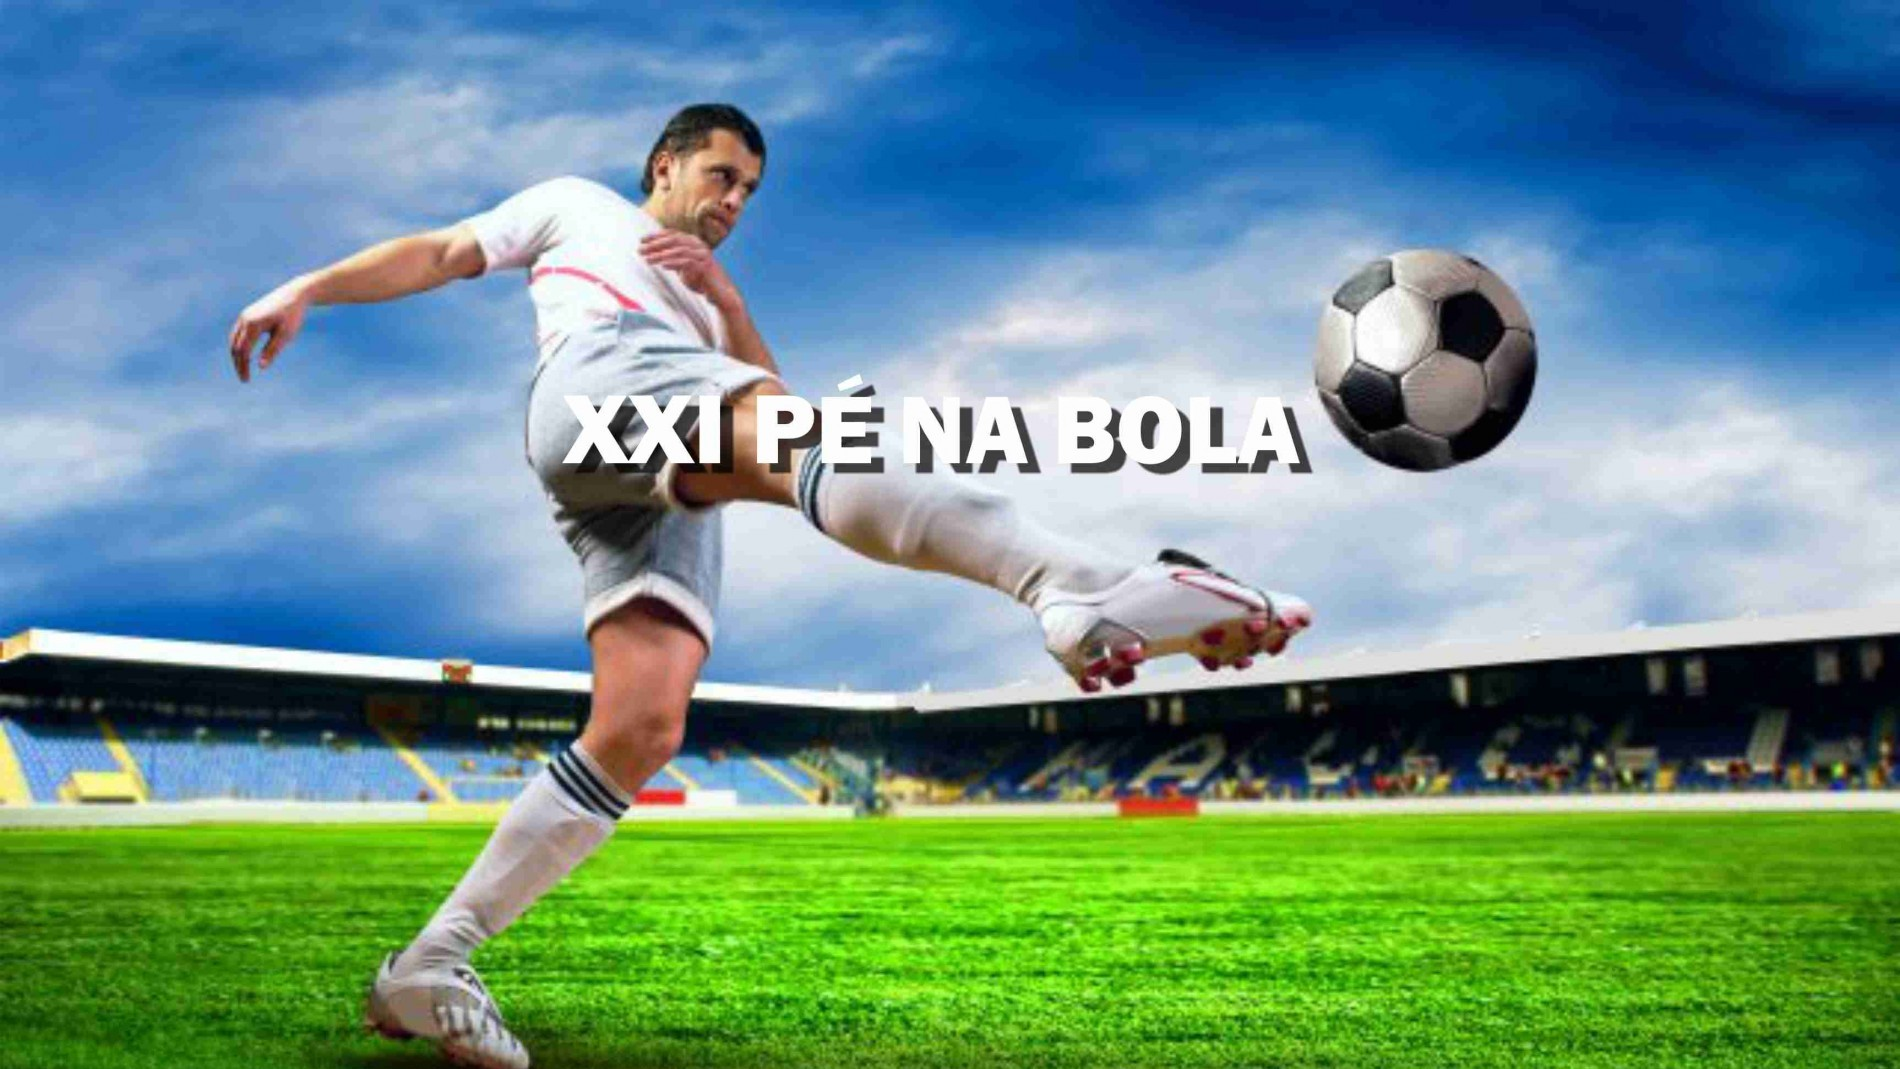 XXI PÉ NA BOLA IFC/2018